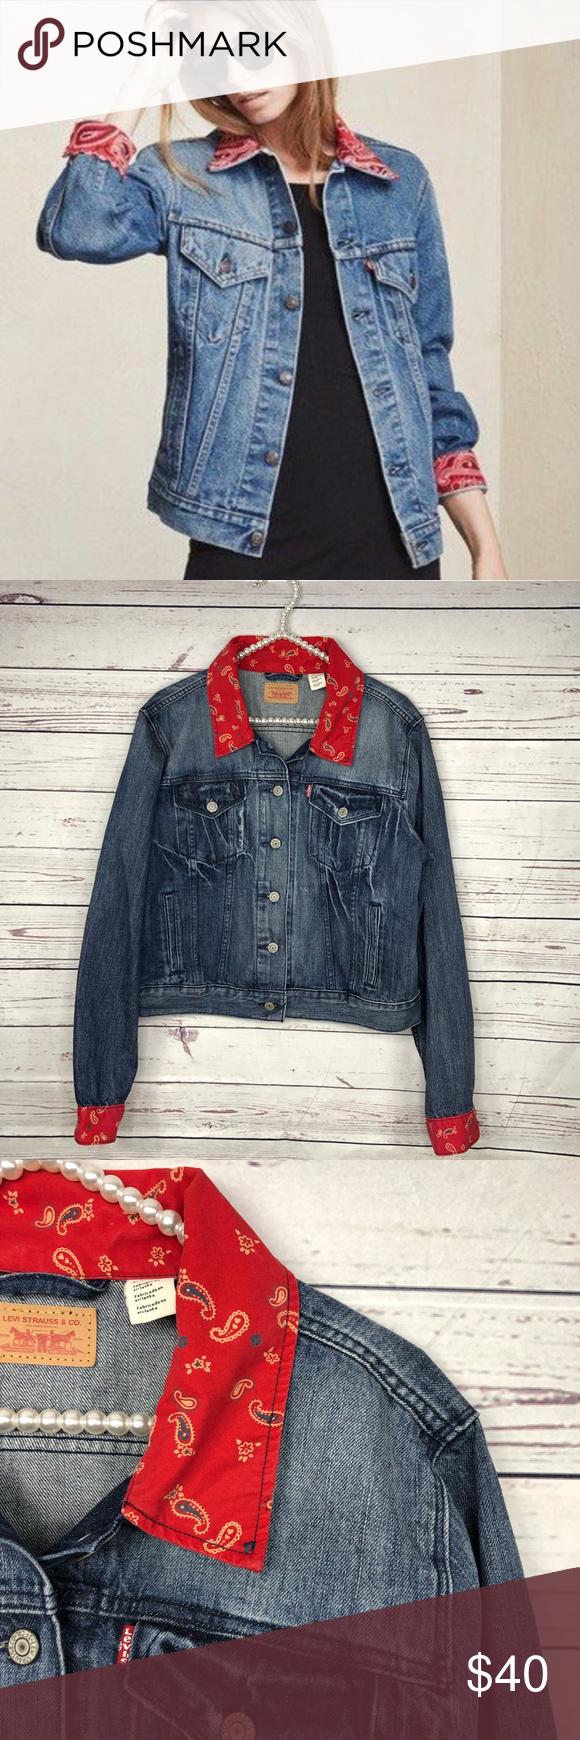 Levi S Denim Jeans Jacket With Bandana Trim Jackets Jean Jacket Denim Jean Jacket [ 1740 x 580 Pixel ]